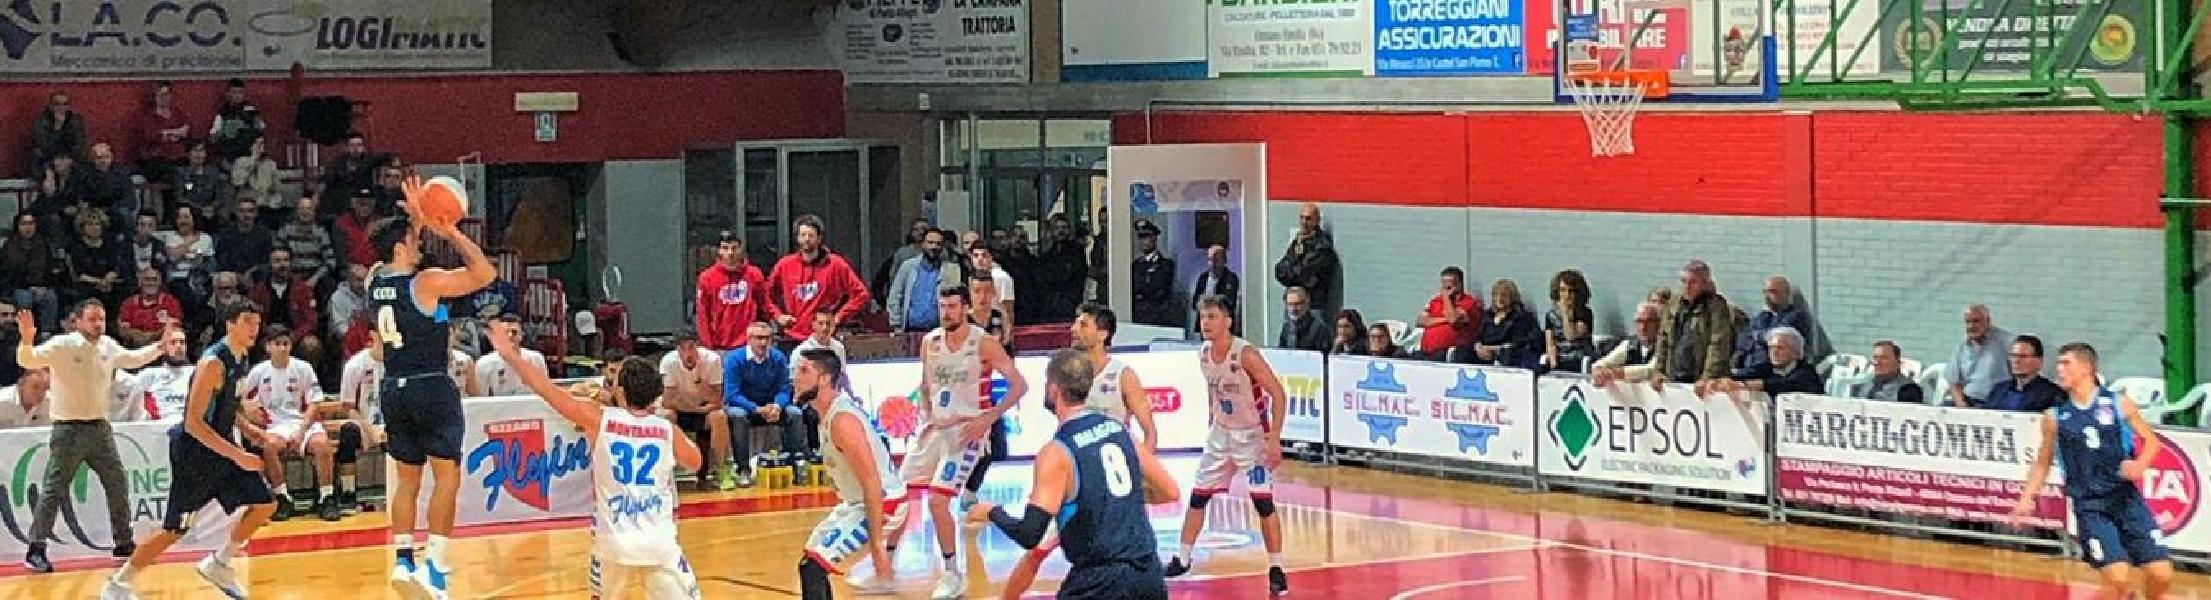 https://www.basketmarche.it/immagini_articoli/14-10-2019/porto-sant-elpidio-basket-lotta-cede-solo-finale-campo-capolista-ozzano-600.jpg